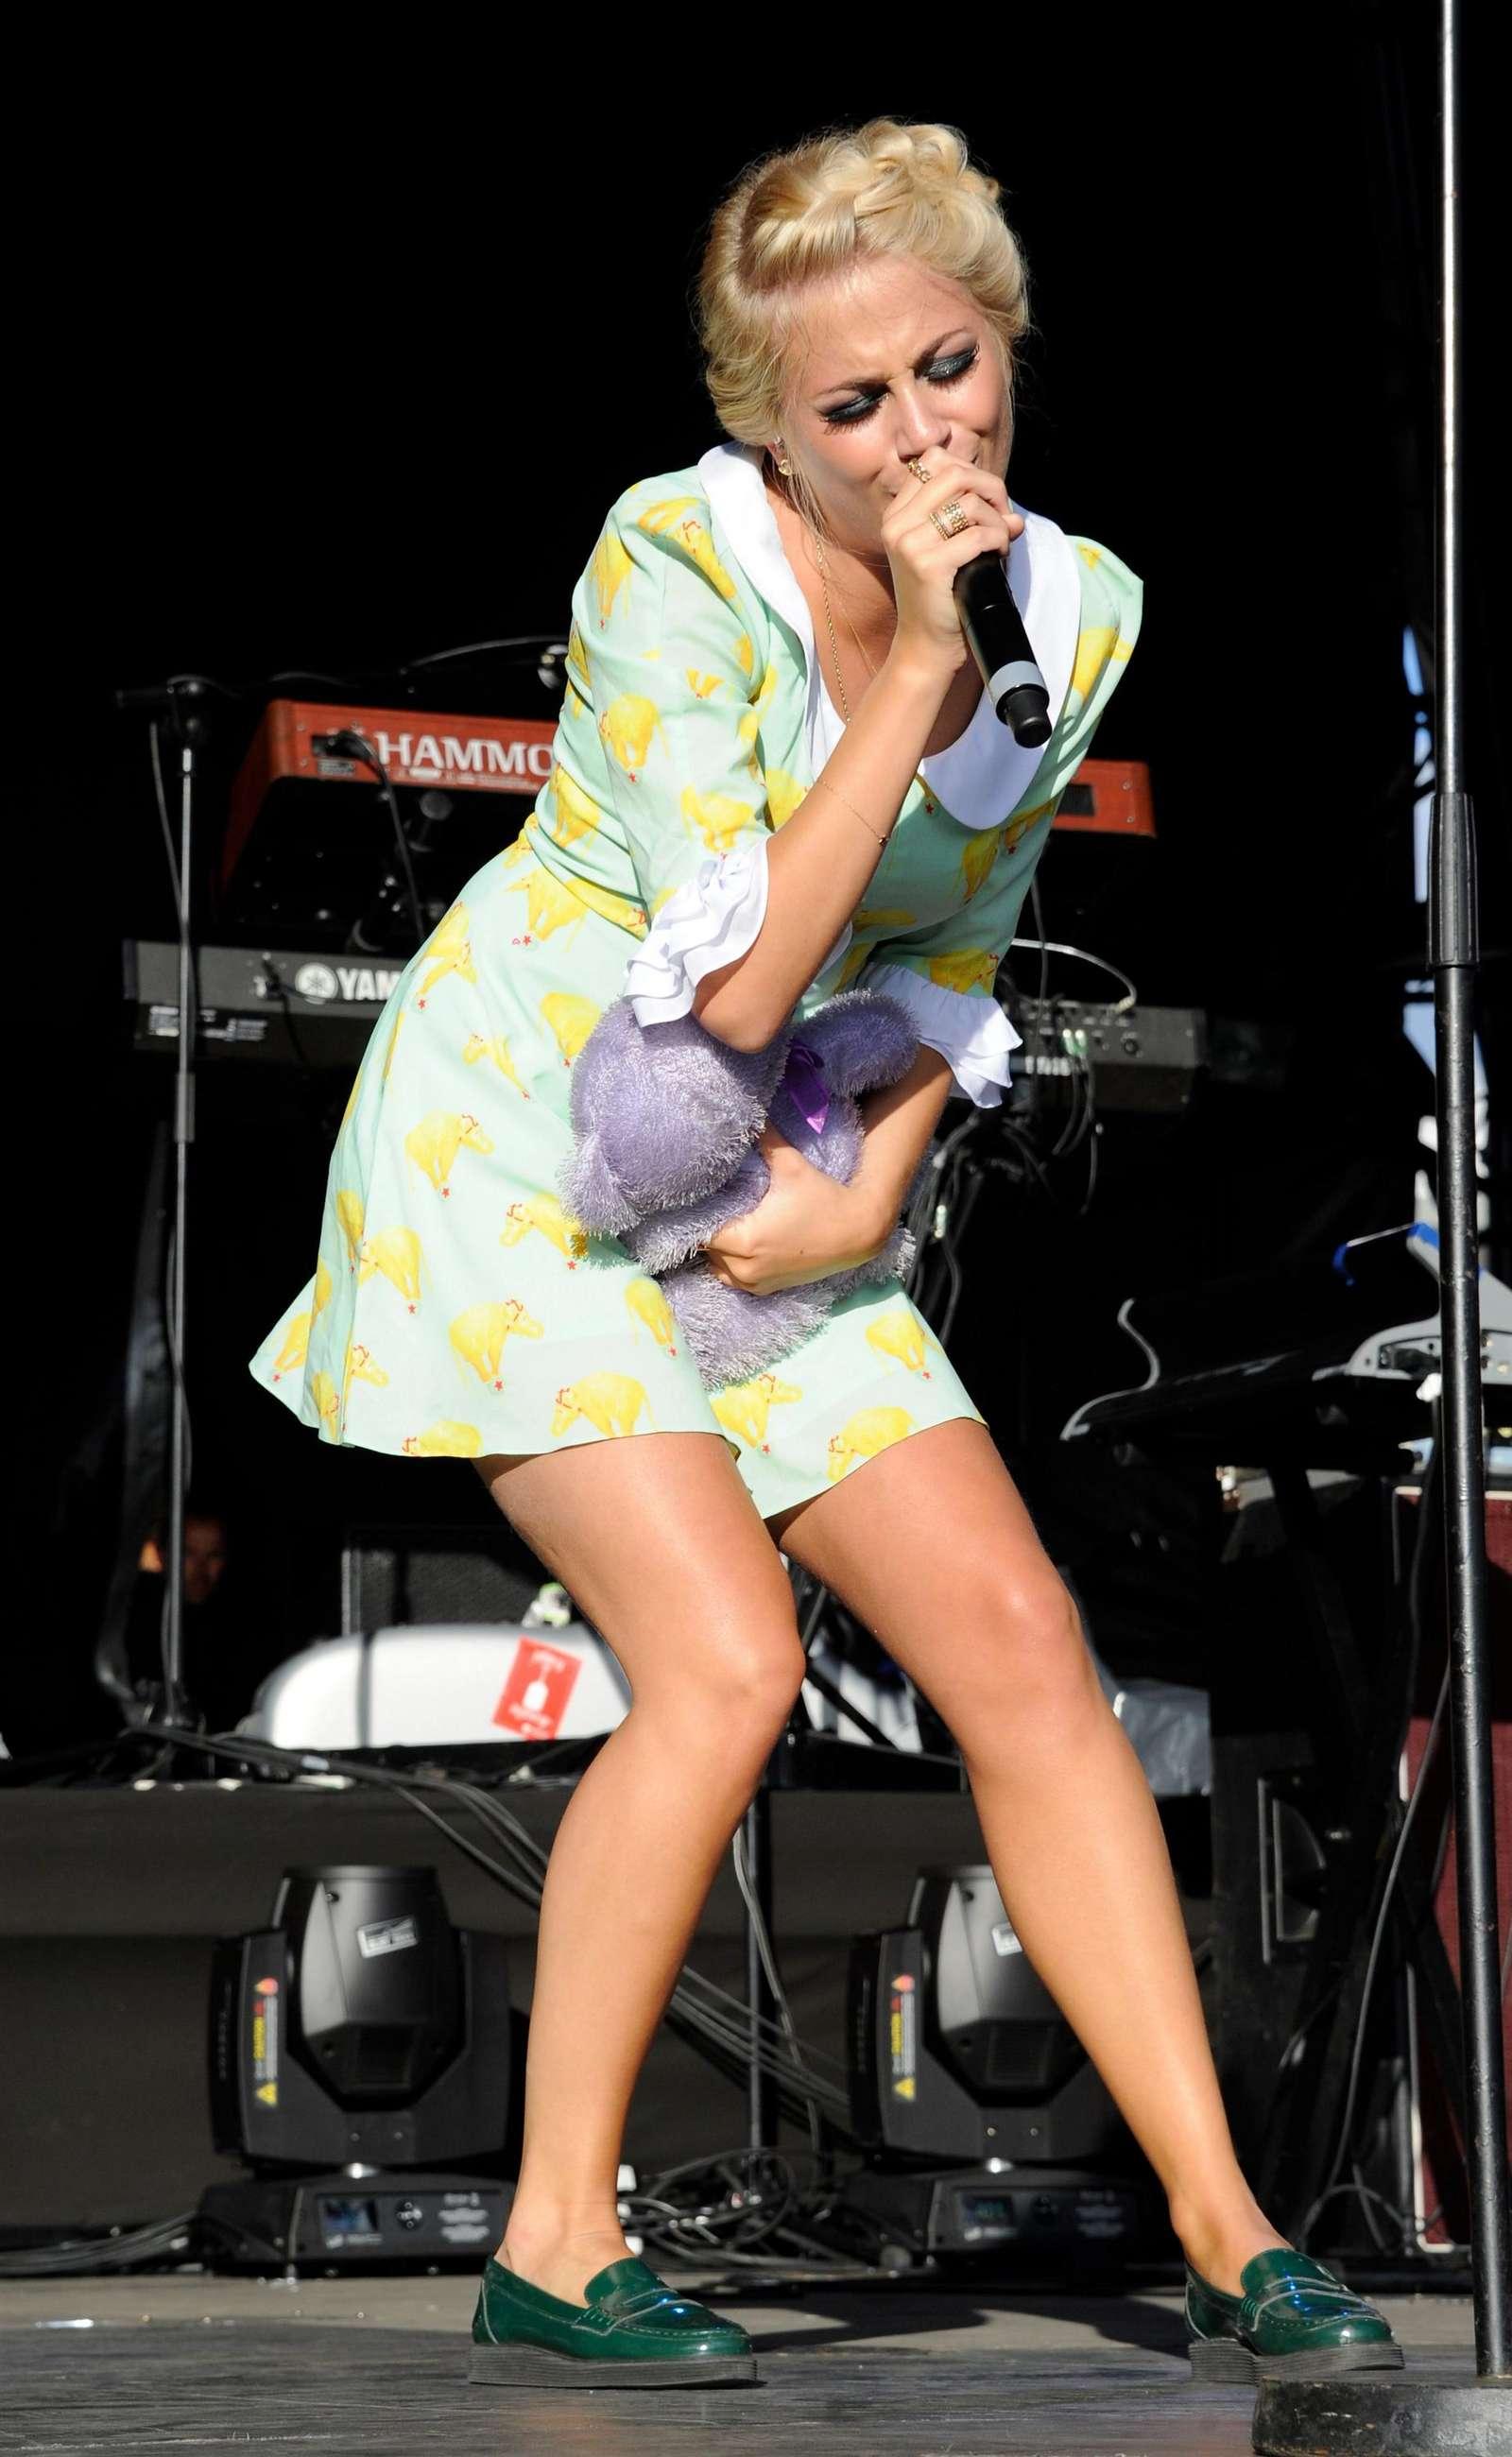 Hailee Steinfeld nude (23 photo) Hot, Twitter, cameltoe